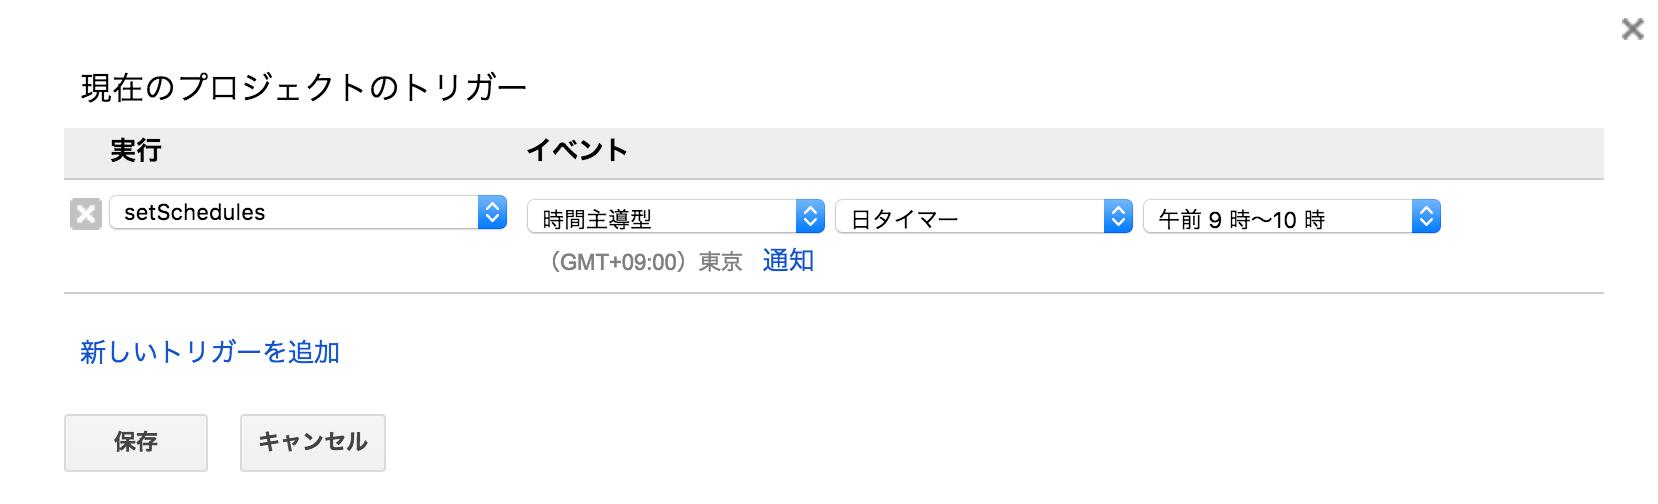 スクリーンショット 2018-02-23 22.42.25.png